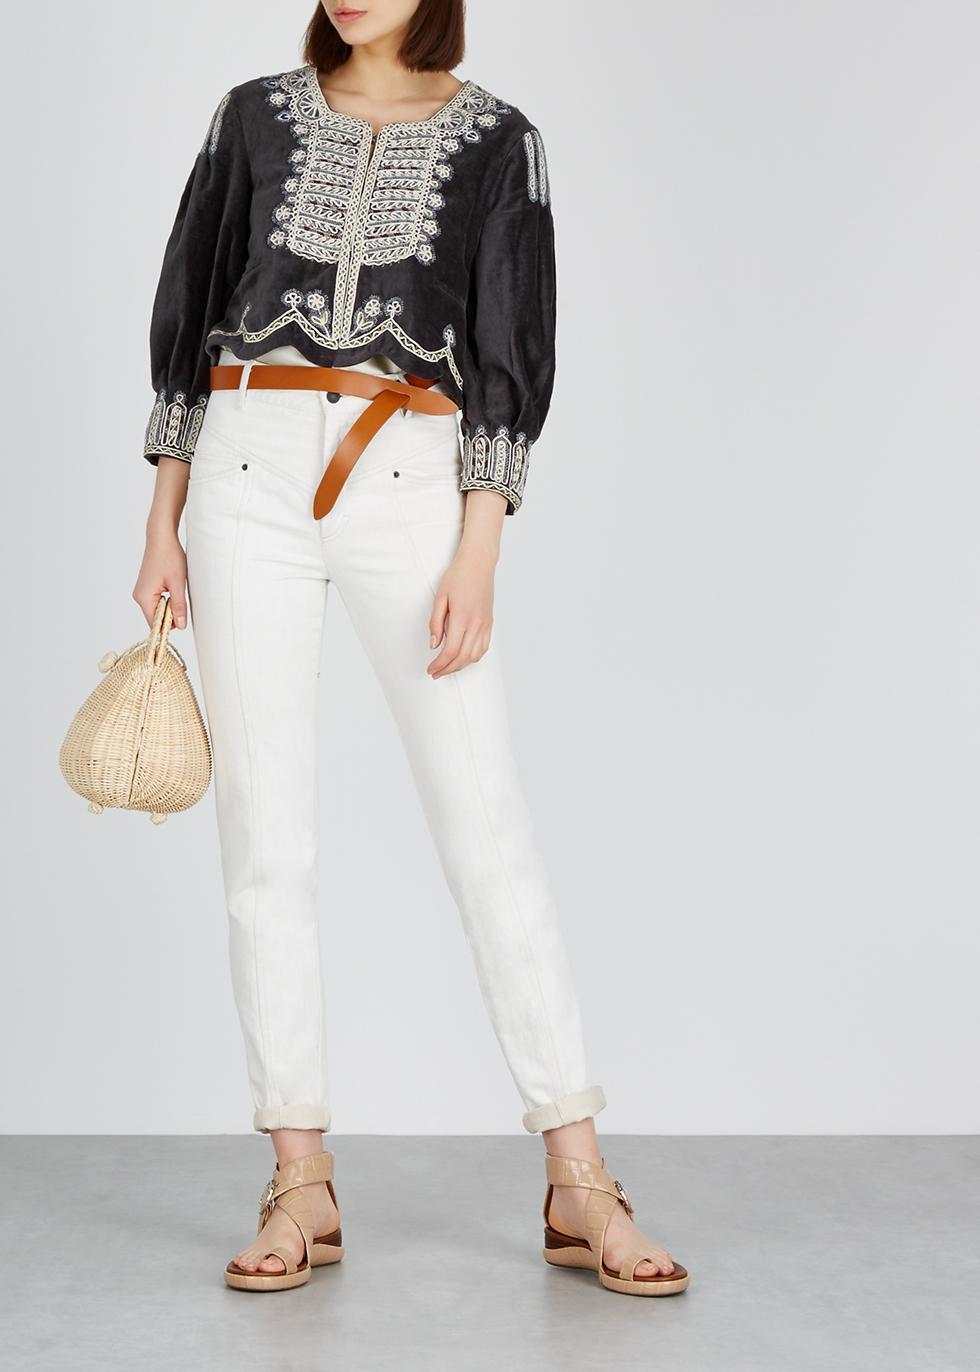 Amity embroidered velvet jacket - Isabel Marant